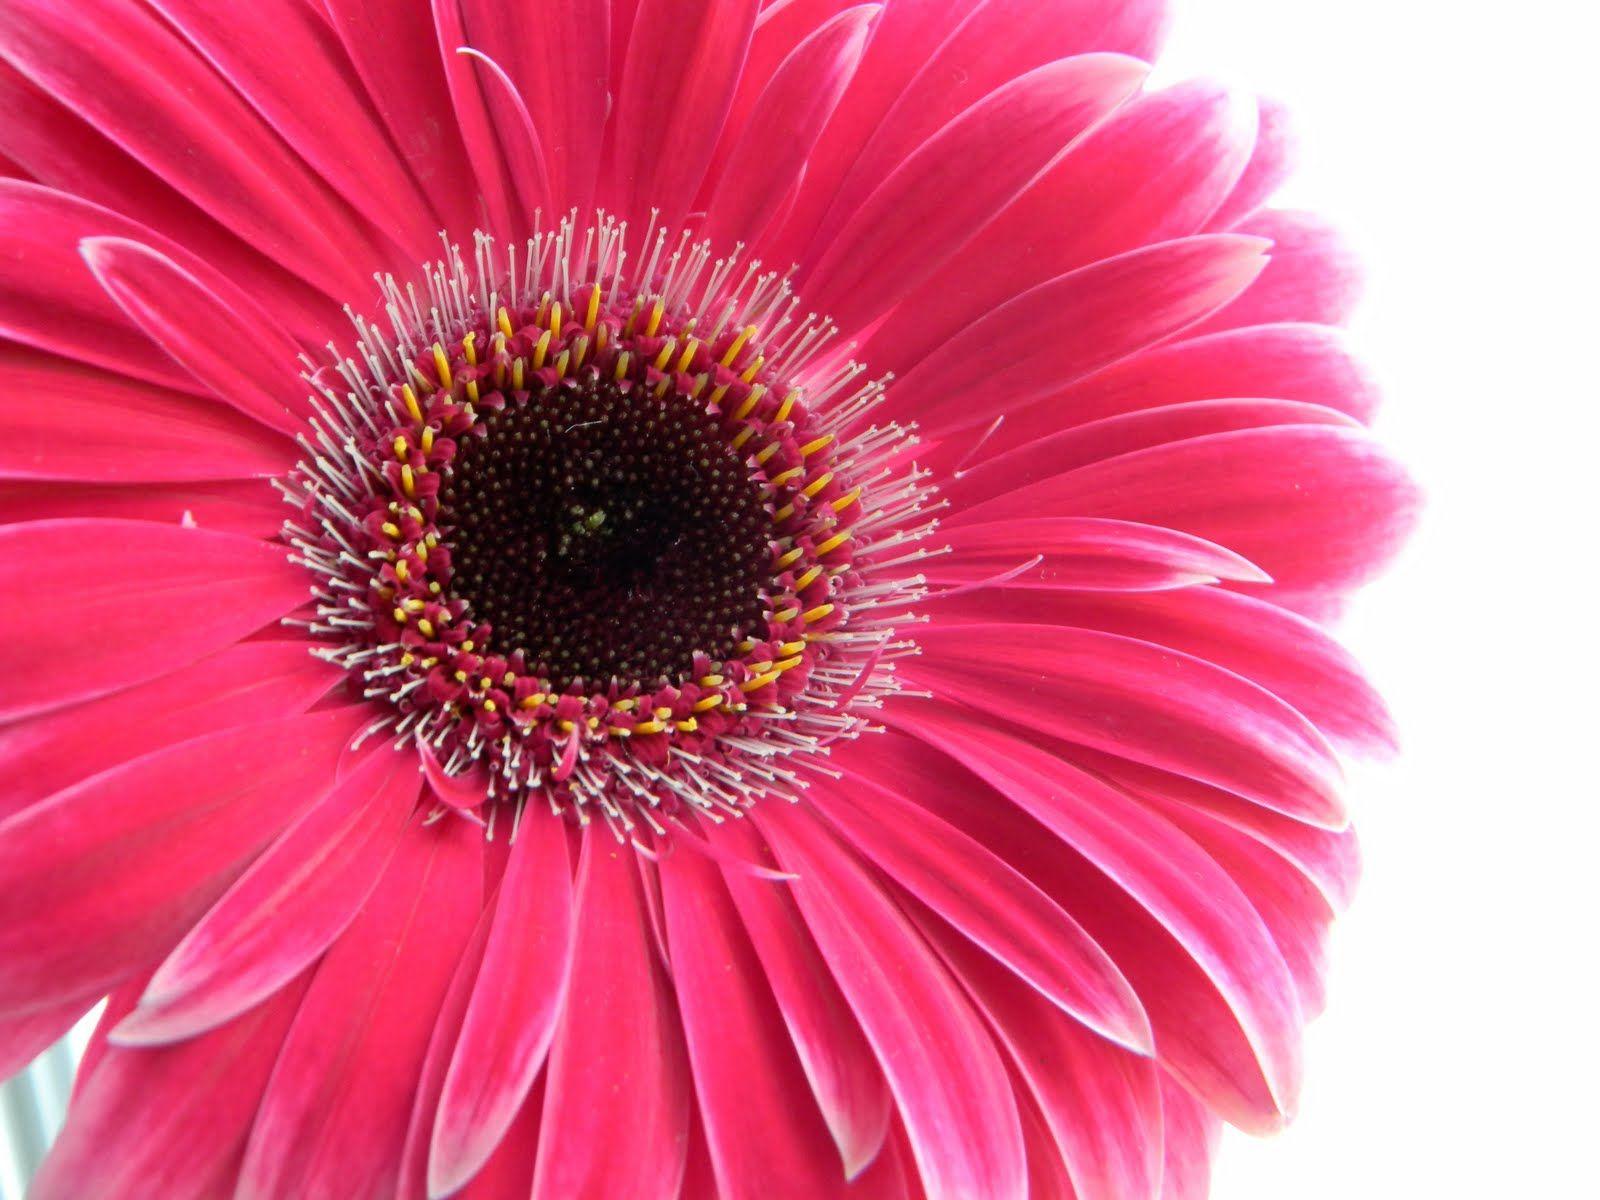 Fp 9 Poppy Red Flower Flower Power Pinterest Poppy Red And